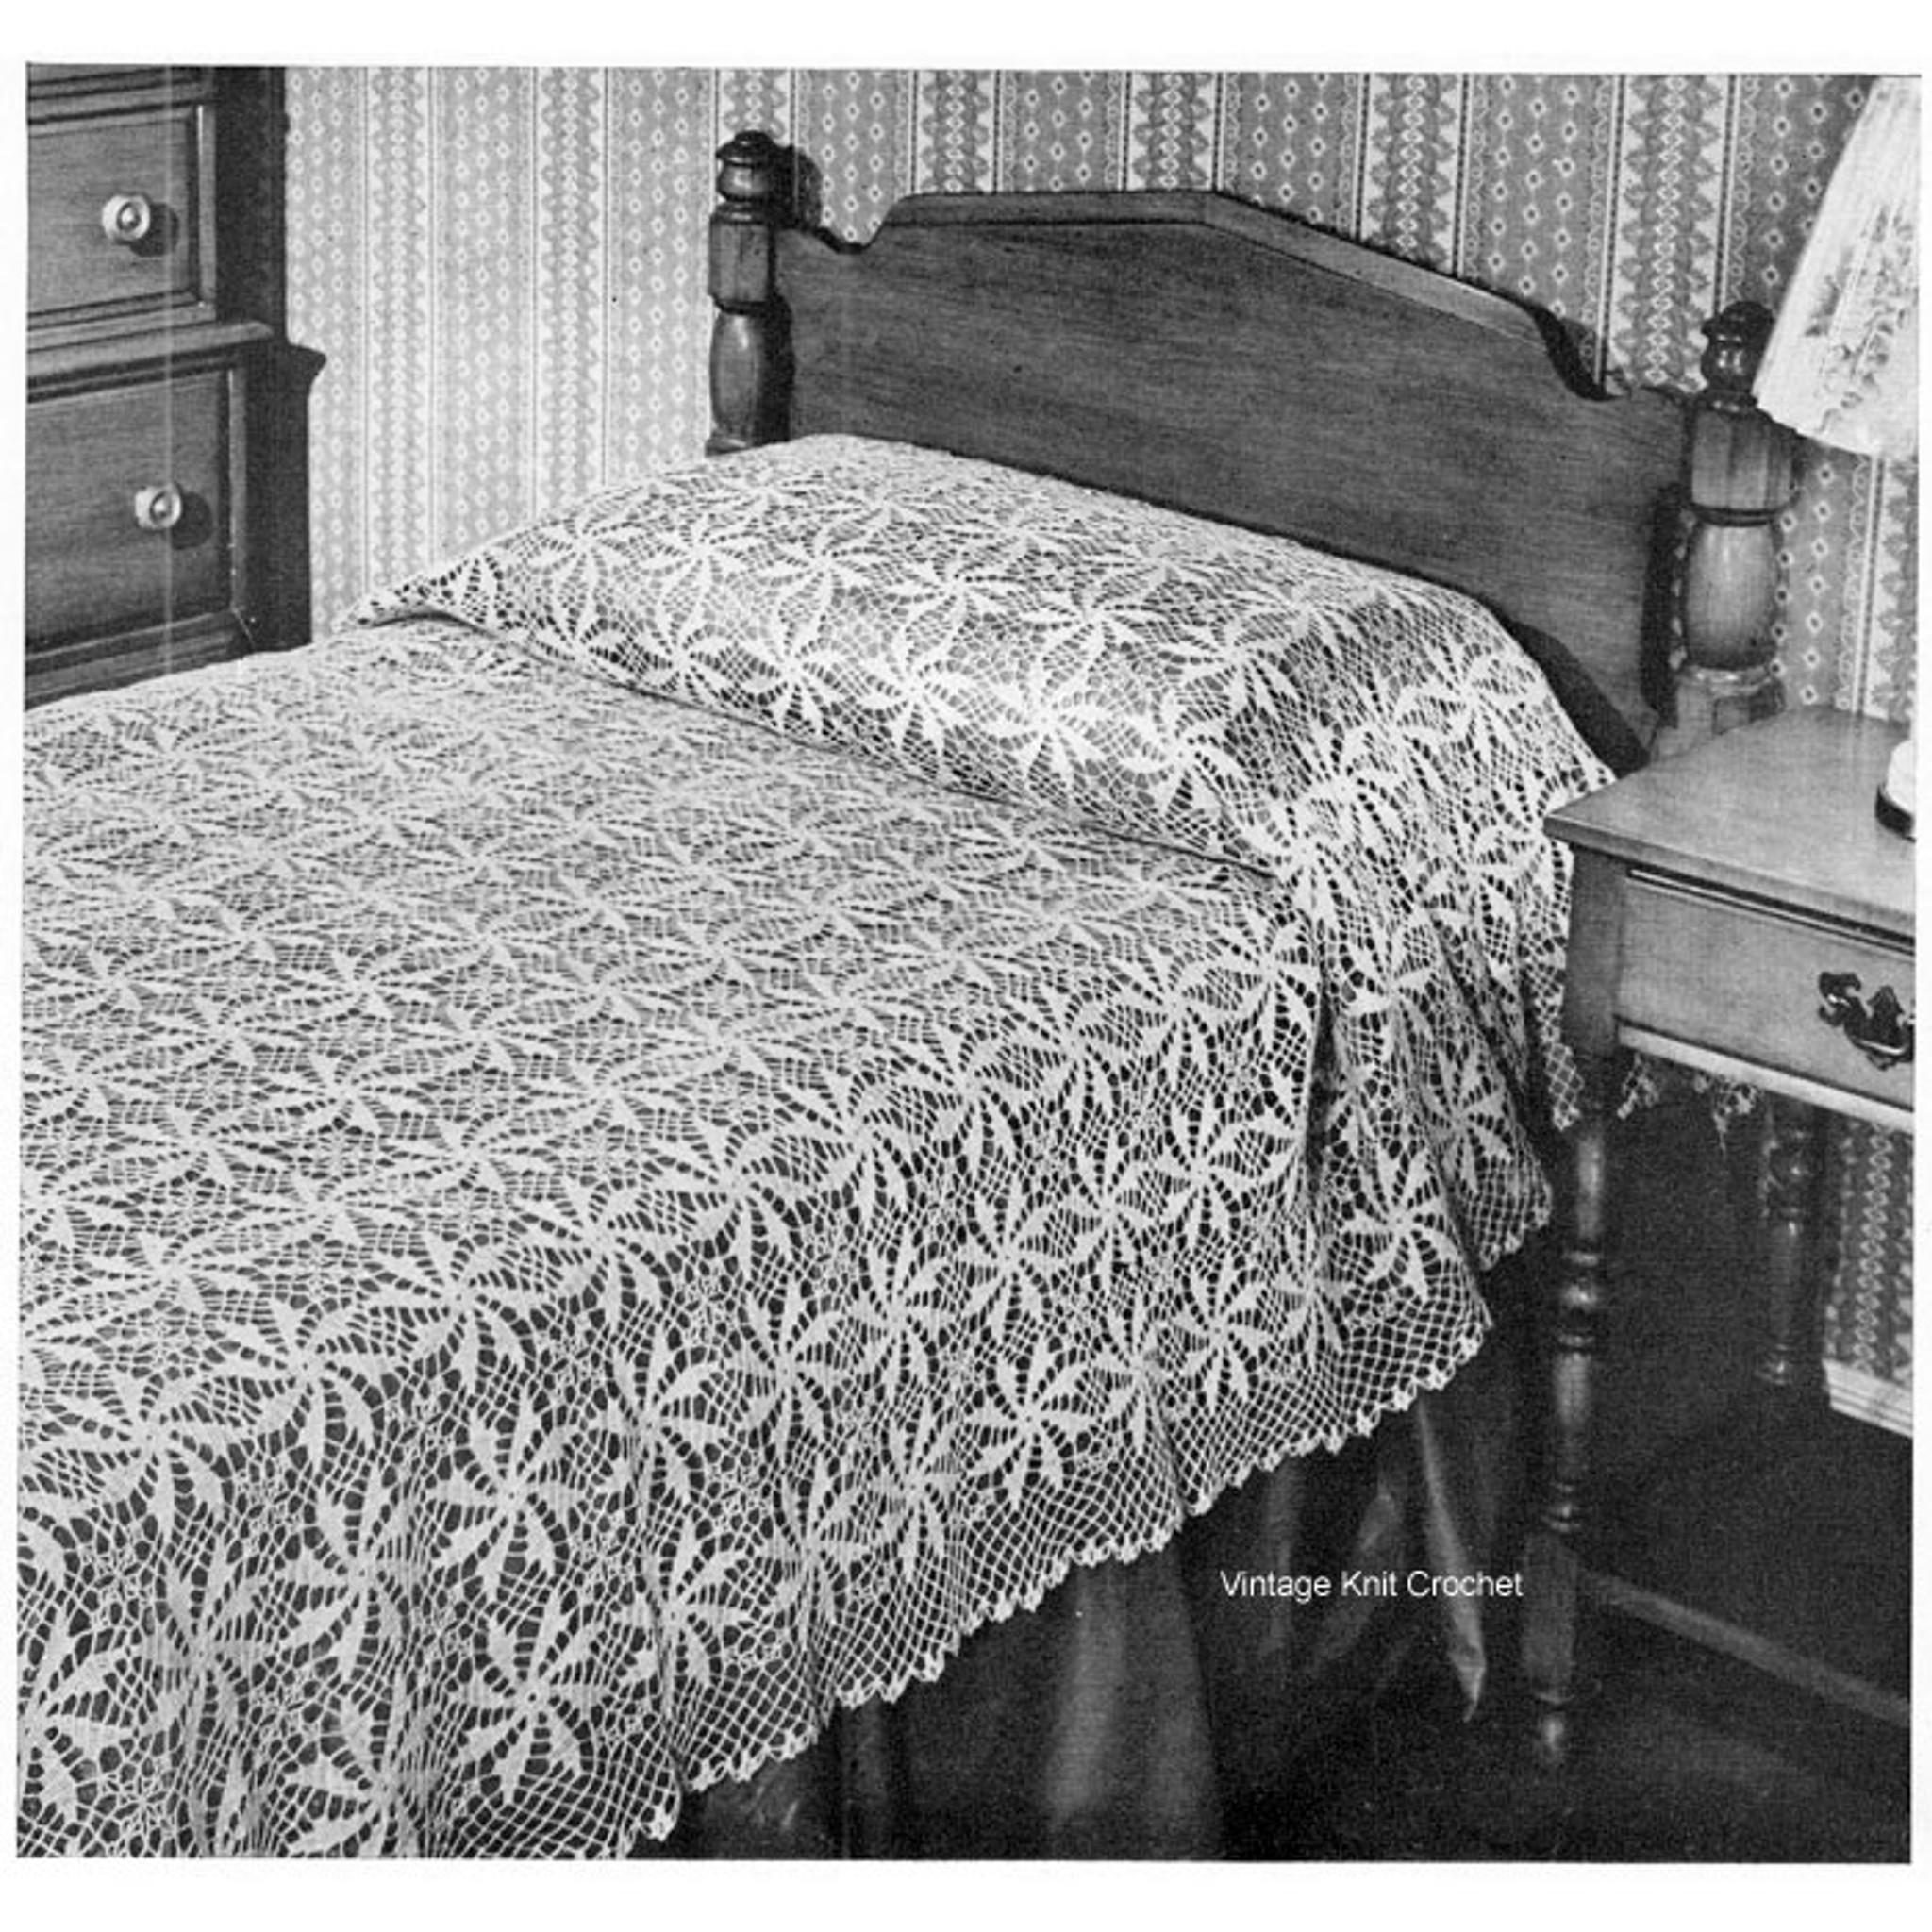 Crochet Bedspread Pattern, Nocturne No 6105